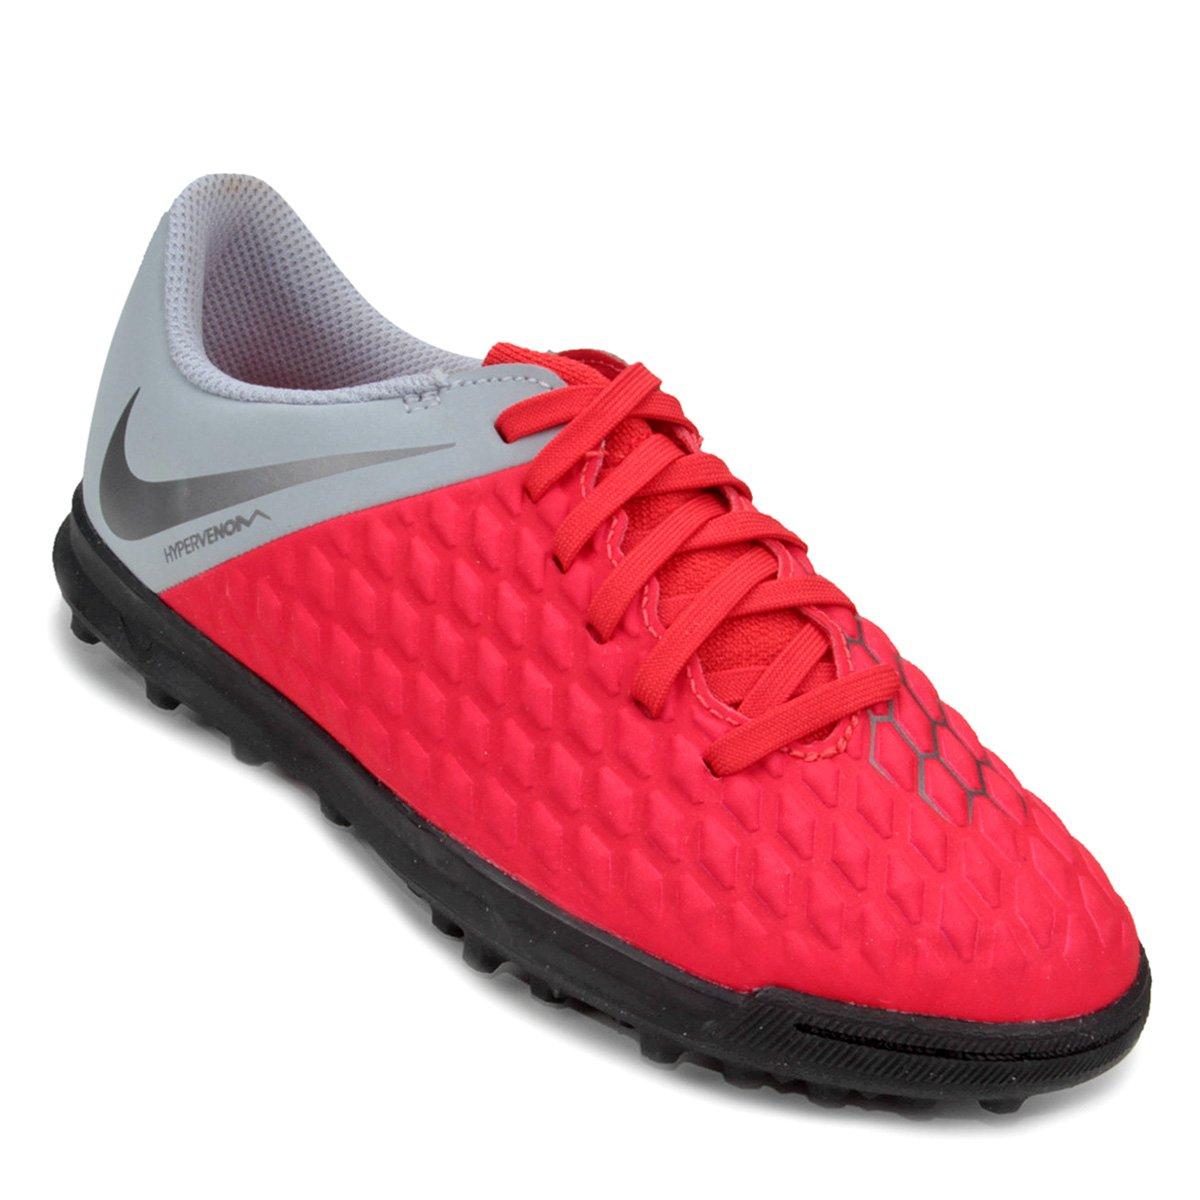 Chuteira Society Infantil Nike Hypervenom Phantom 3 Club TF ... 9ace5dafe3204